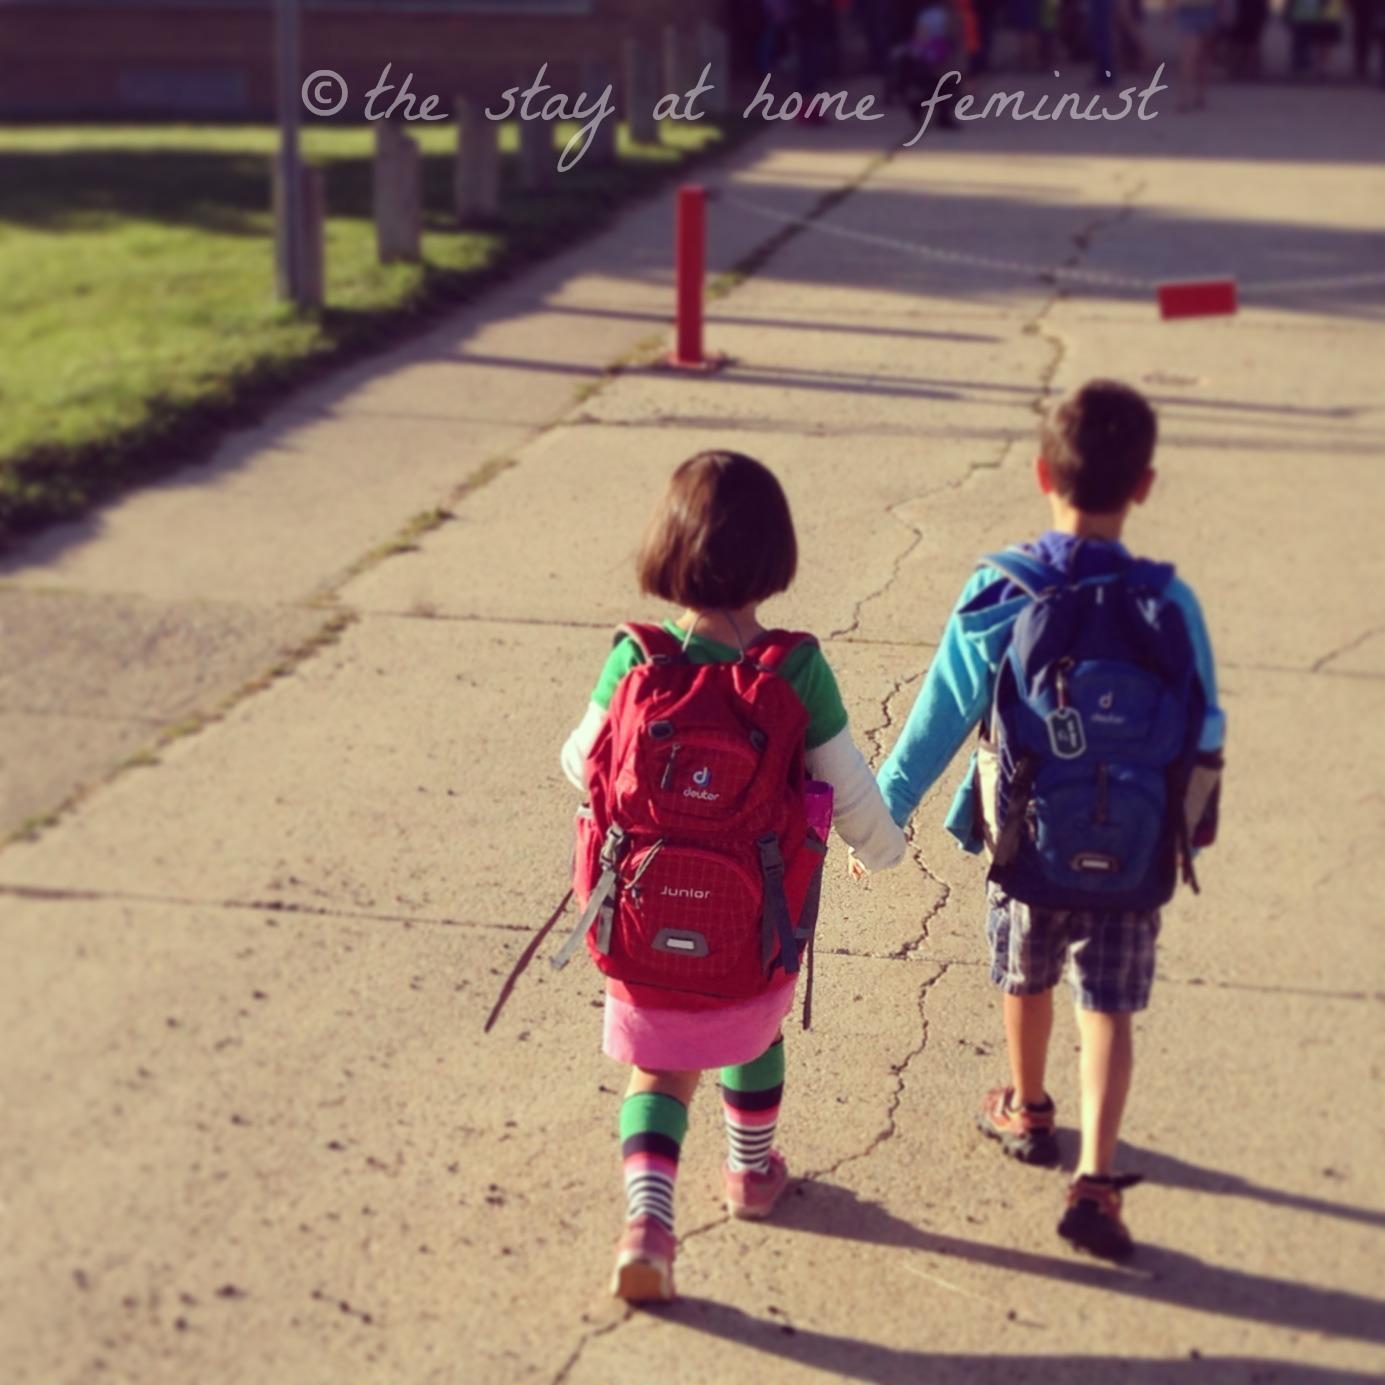 School siblings